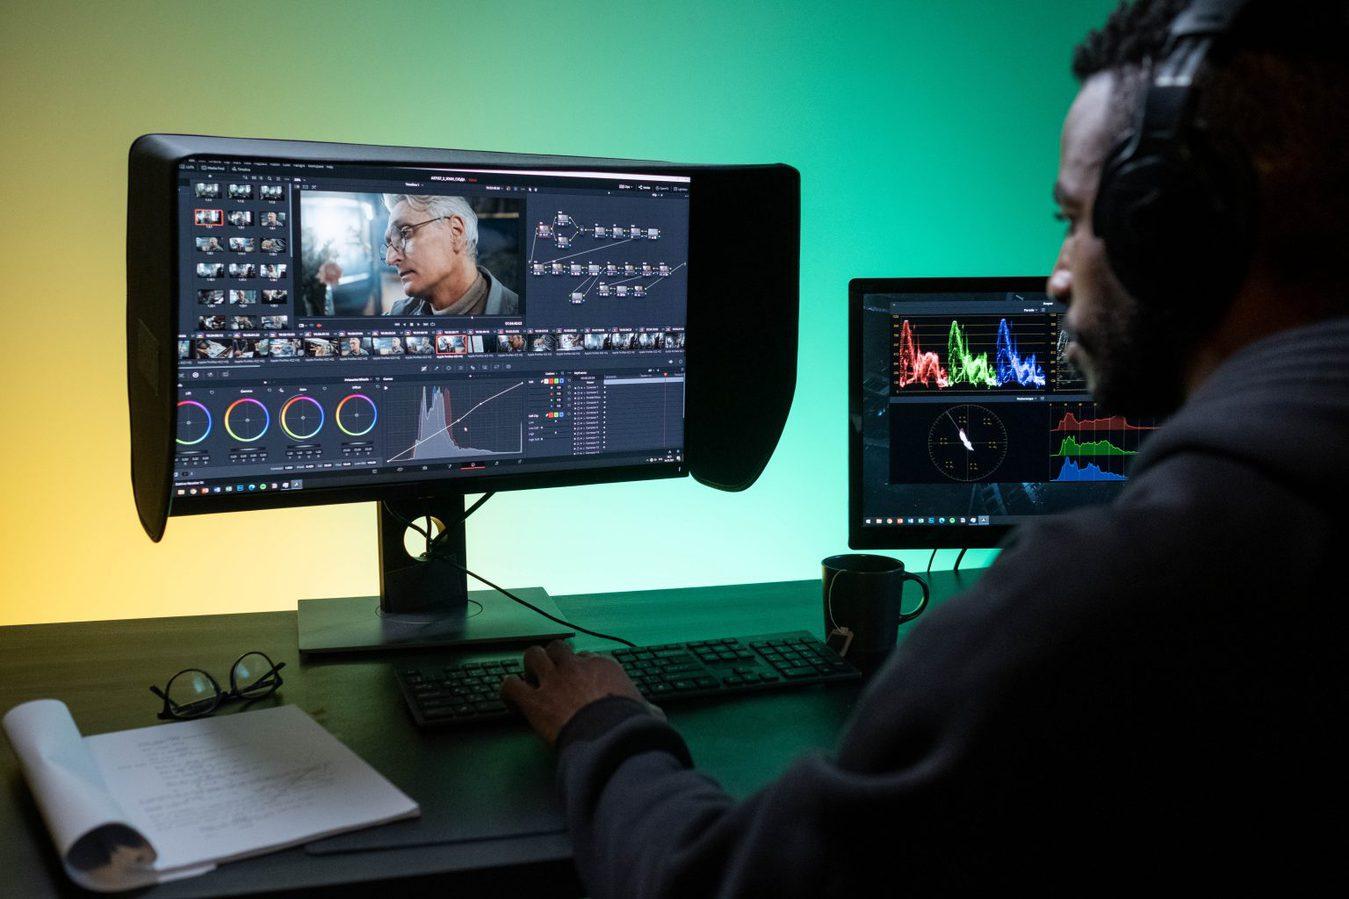 man sitting at desk using editing software